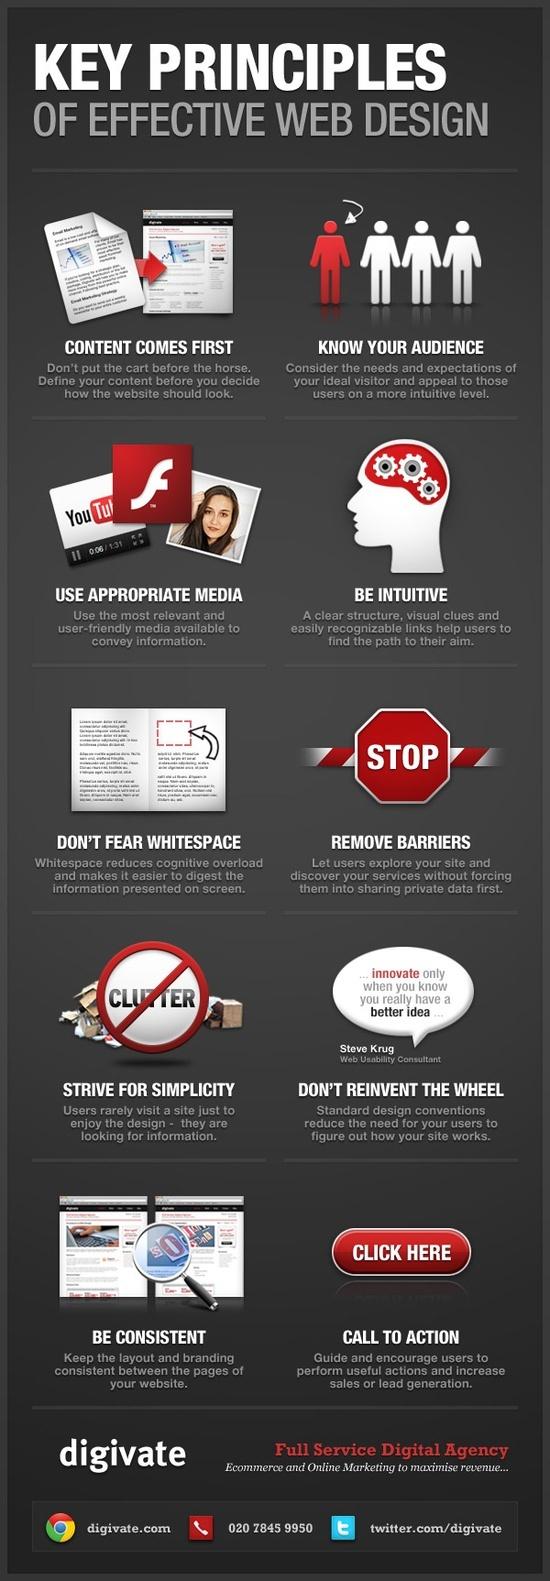 Key Principles of Effective Web Design - Infographic #webdesign #design #designer